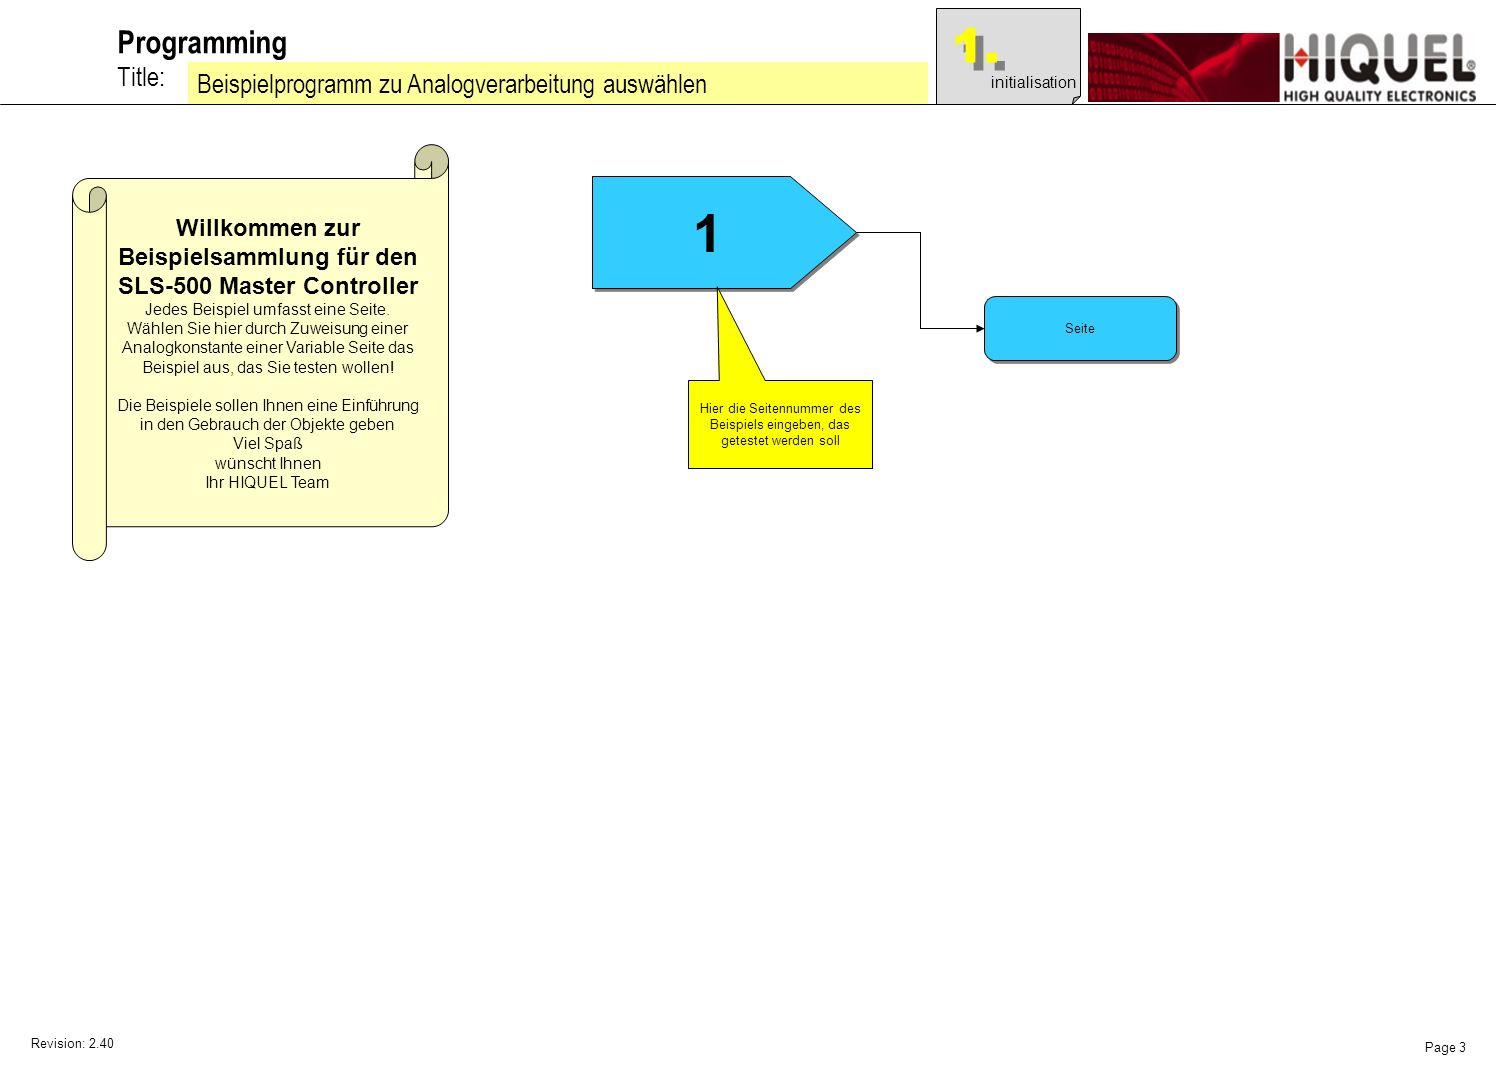 Revision: 2.40 Page 3 Title: Programming Beispielprogramm zu Analogverarbeitung auswählen Willkommen zur Beispielsammlung für den SLS-500 Master Controller Jedes Beispiel umfasst eine Seite.